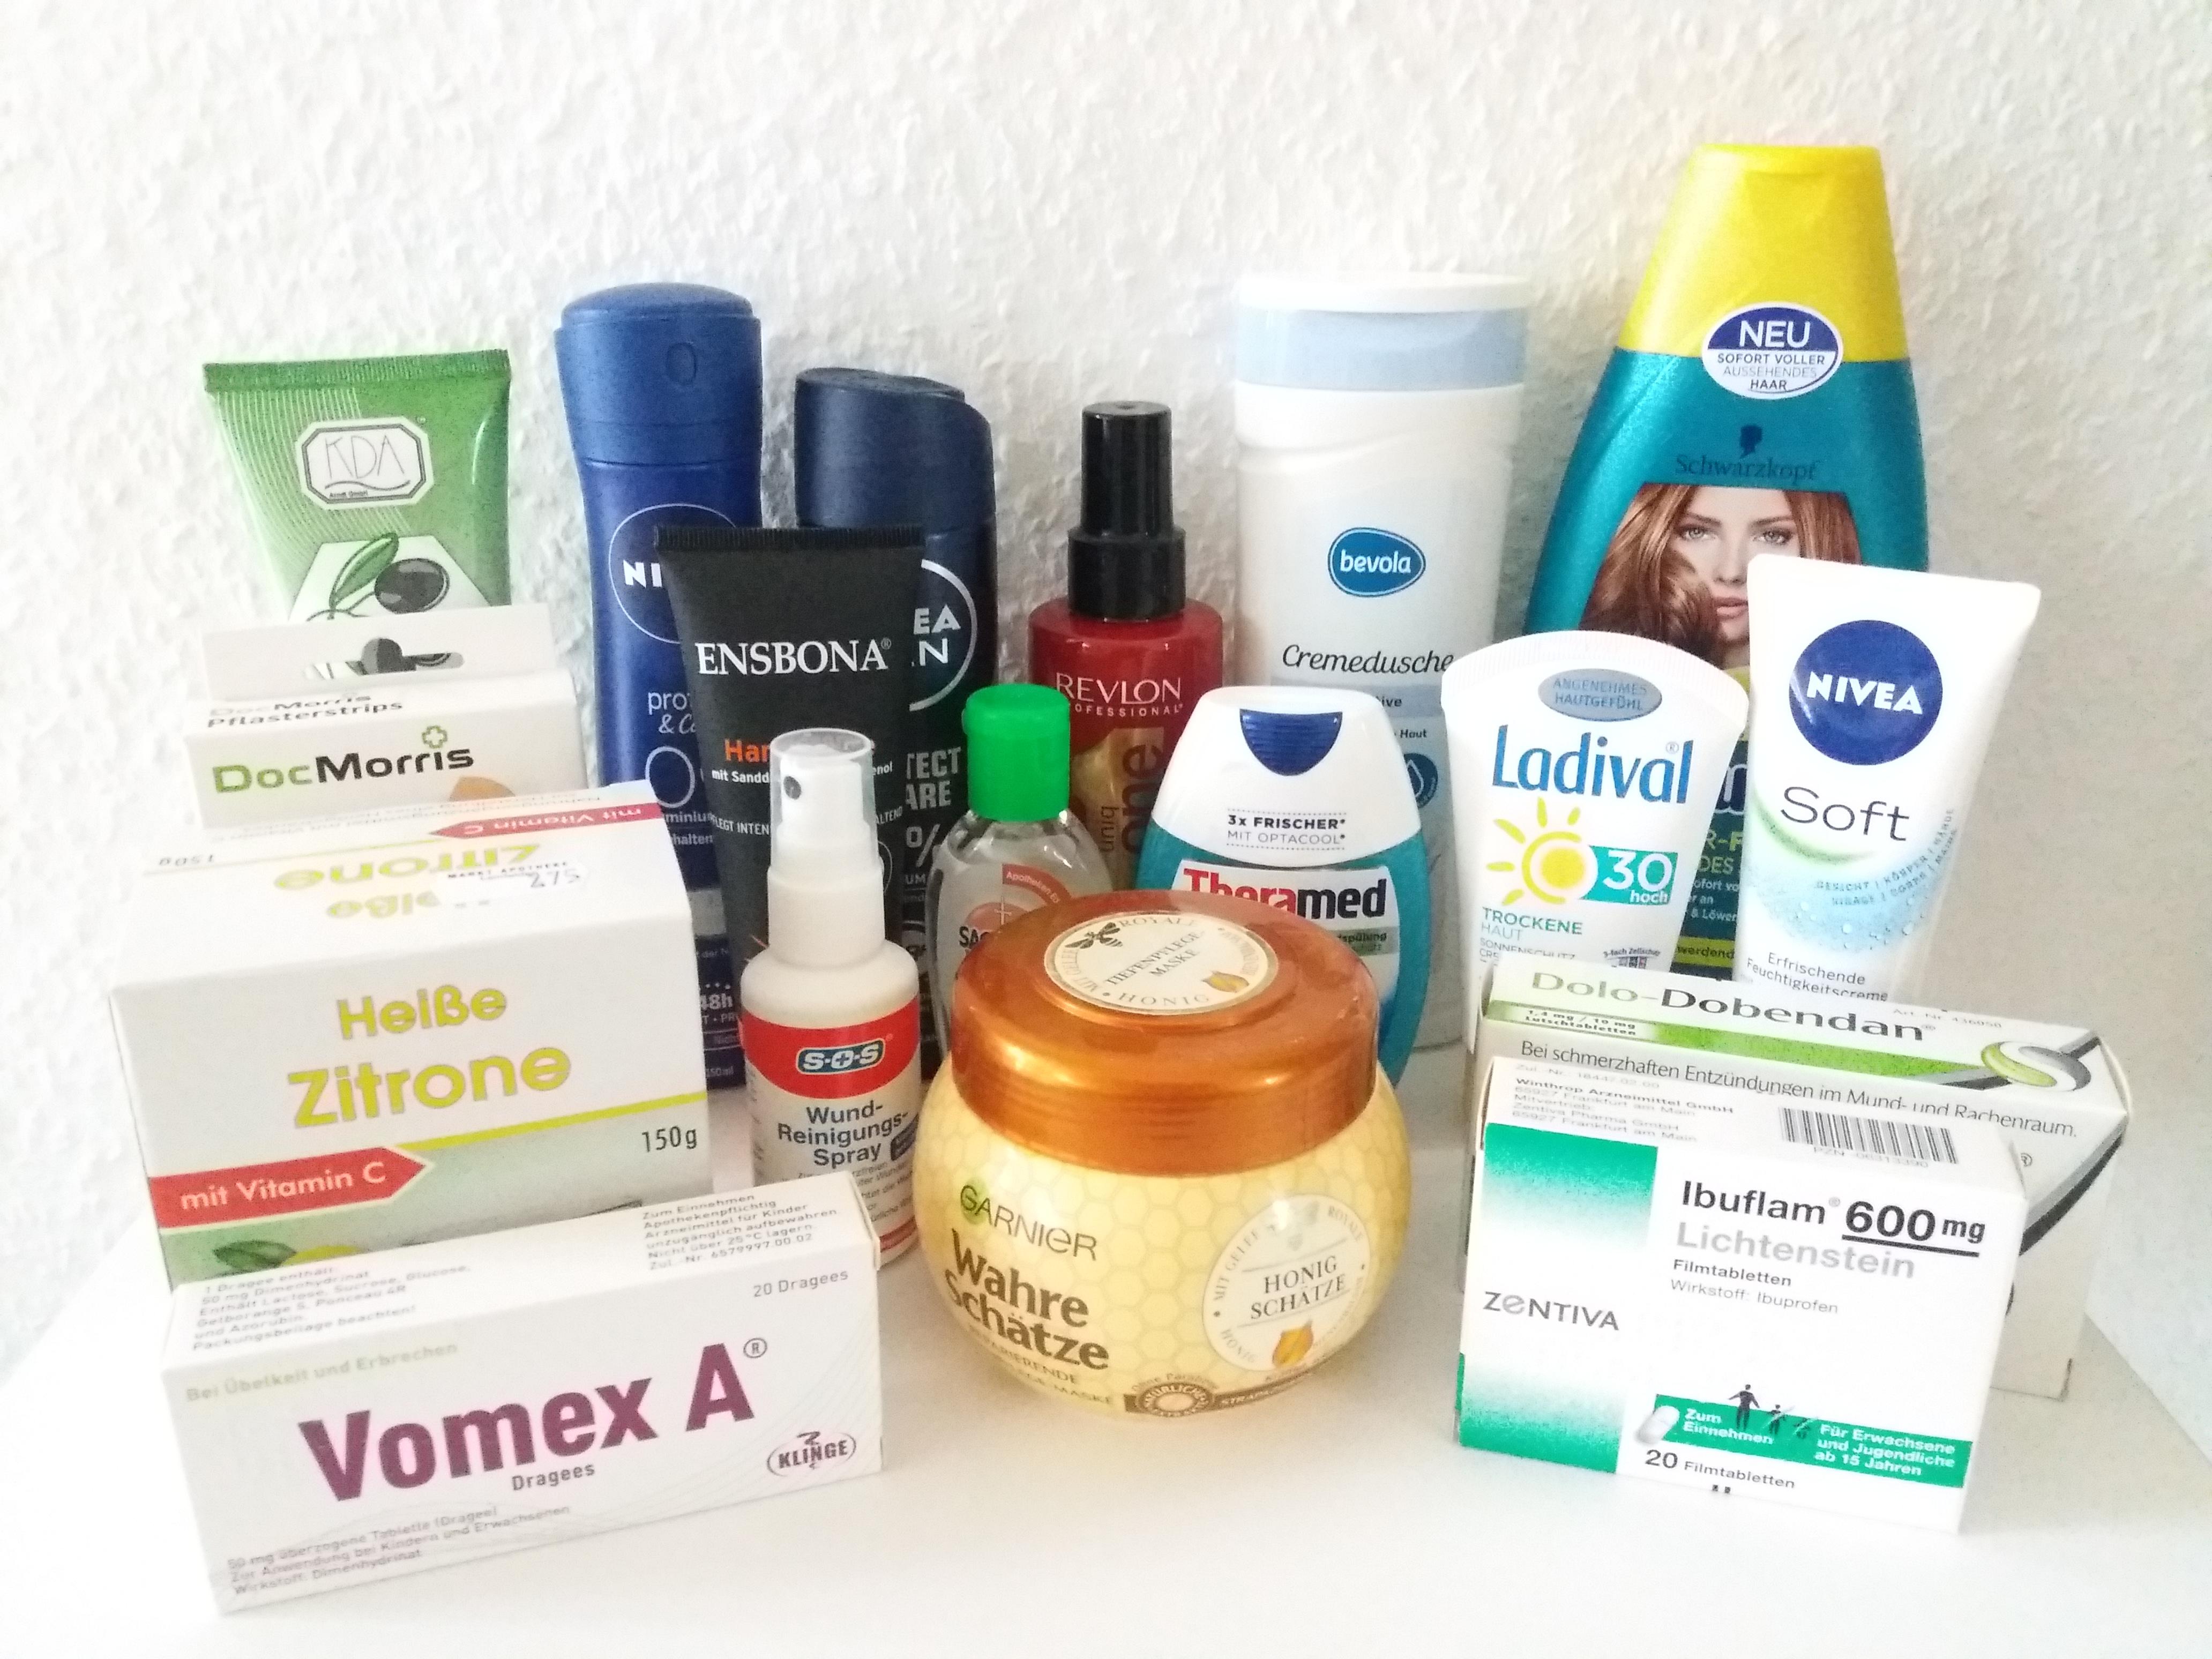 Imagem mostrando vários cosméticos e medicamentos comprados na Alemanha.